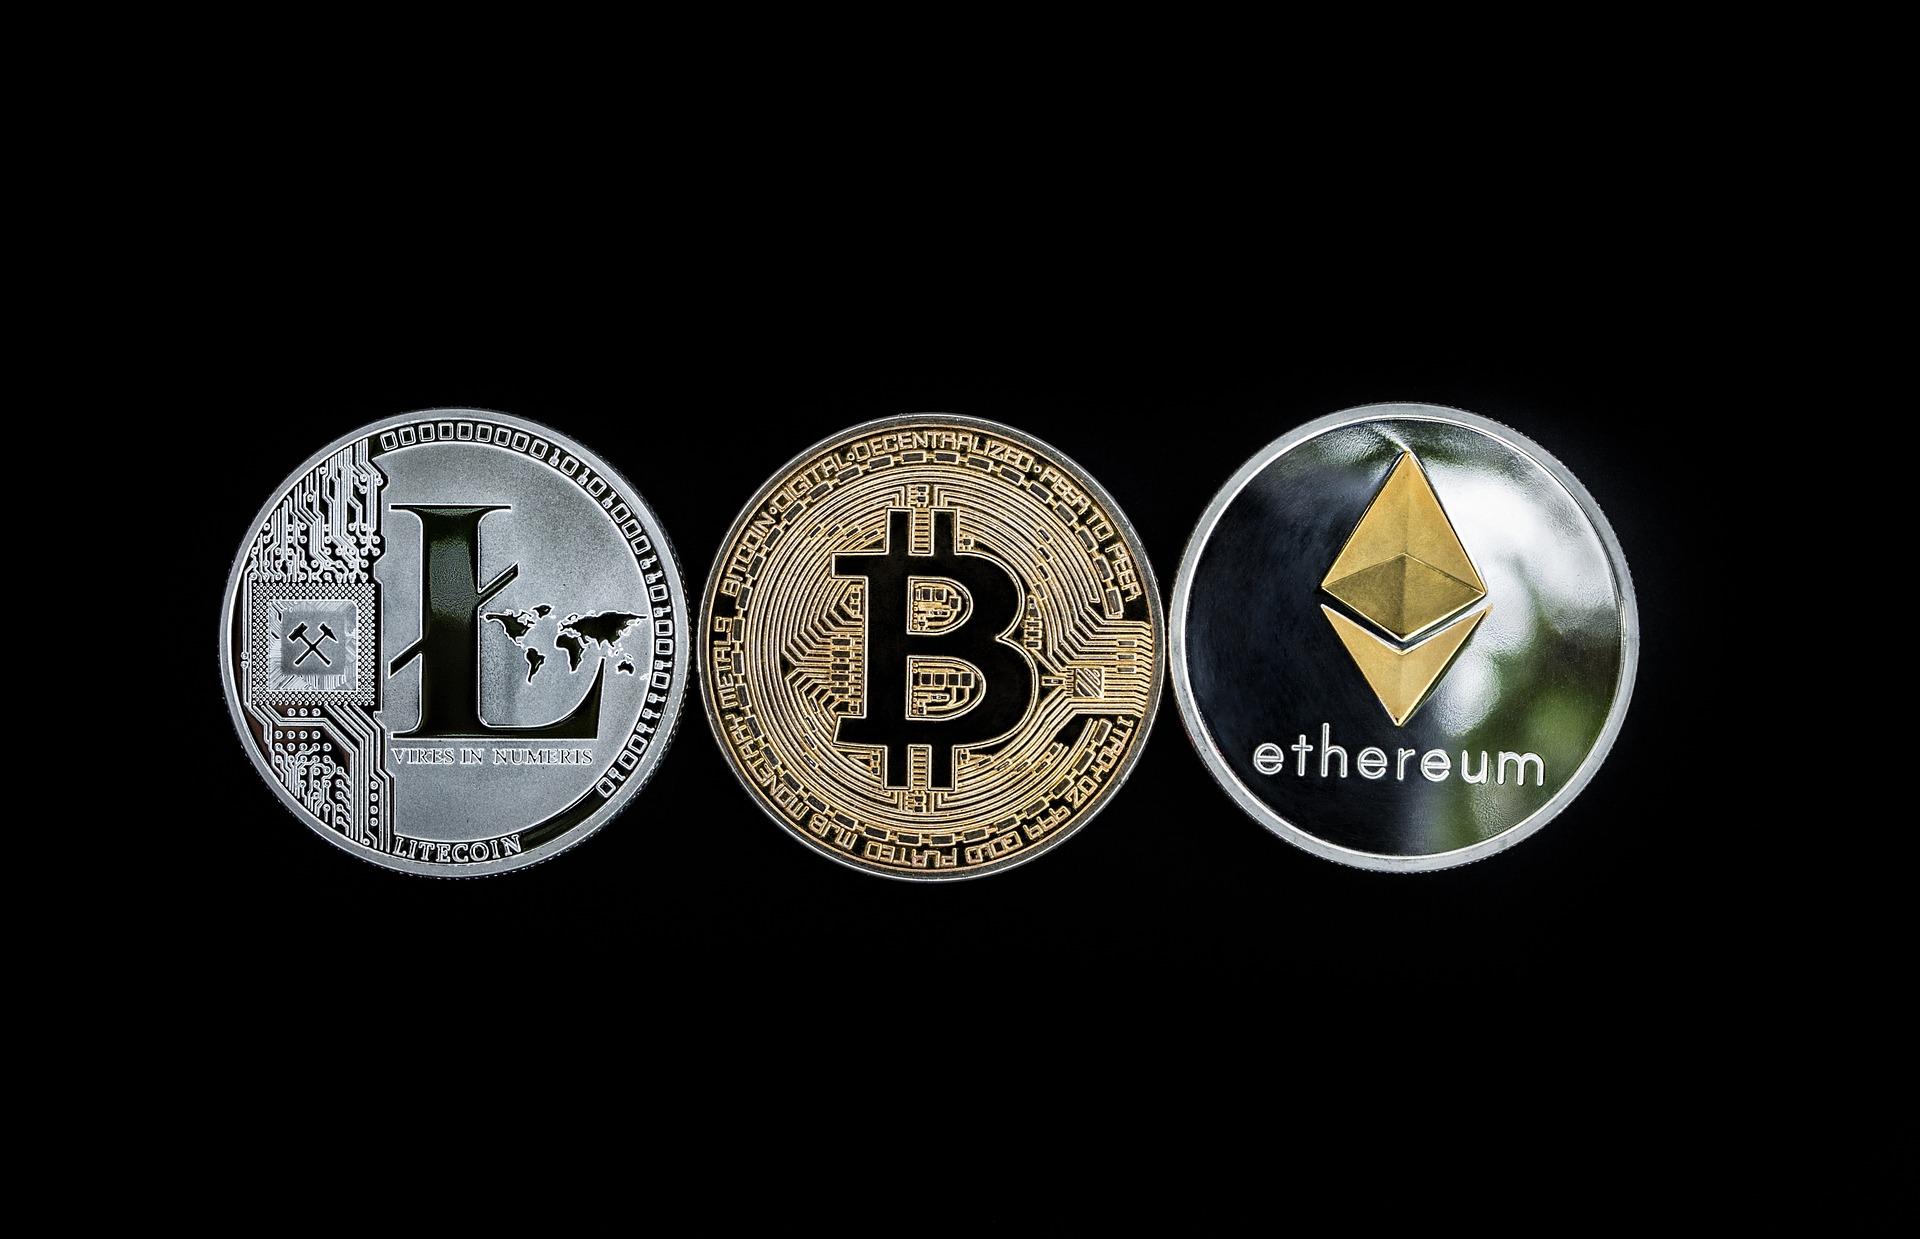 La CFTC veut une réglementation complète des cryptomonnaies dans les 4 prochaines années